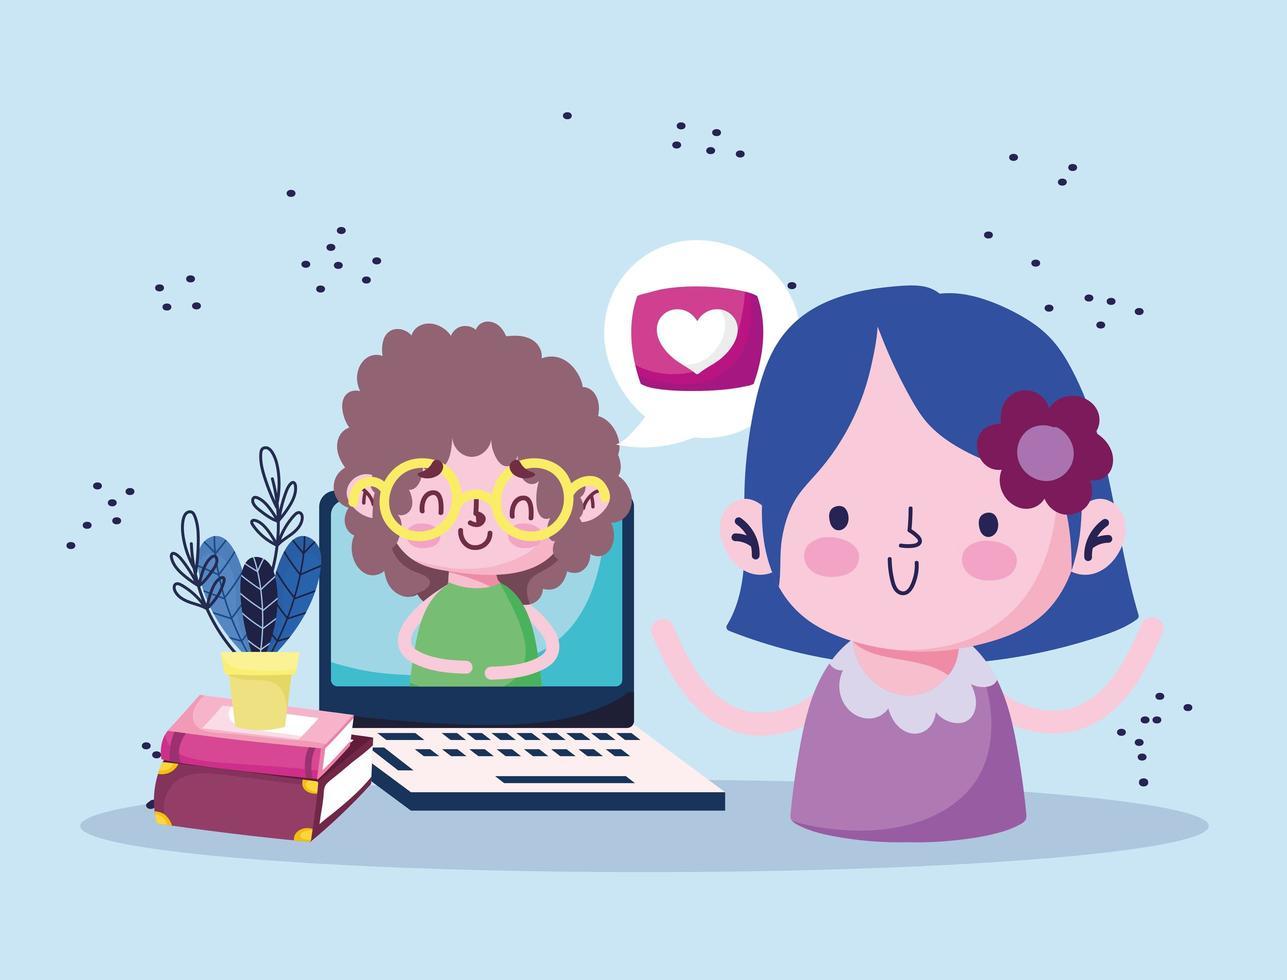 onderwijs online, student meisje met laptop video jongen lesgeven boeken vector